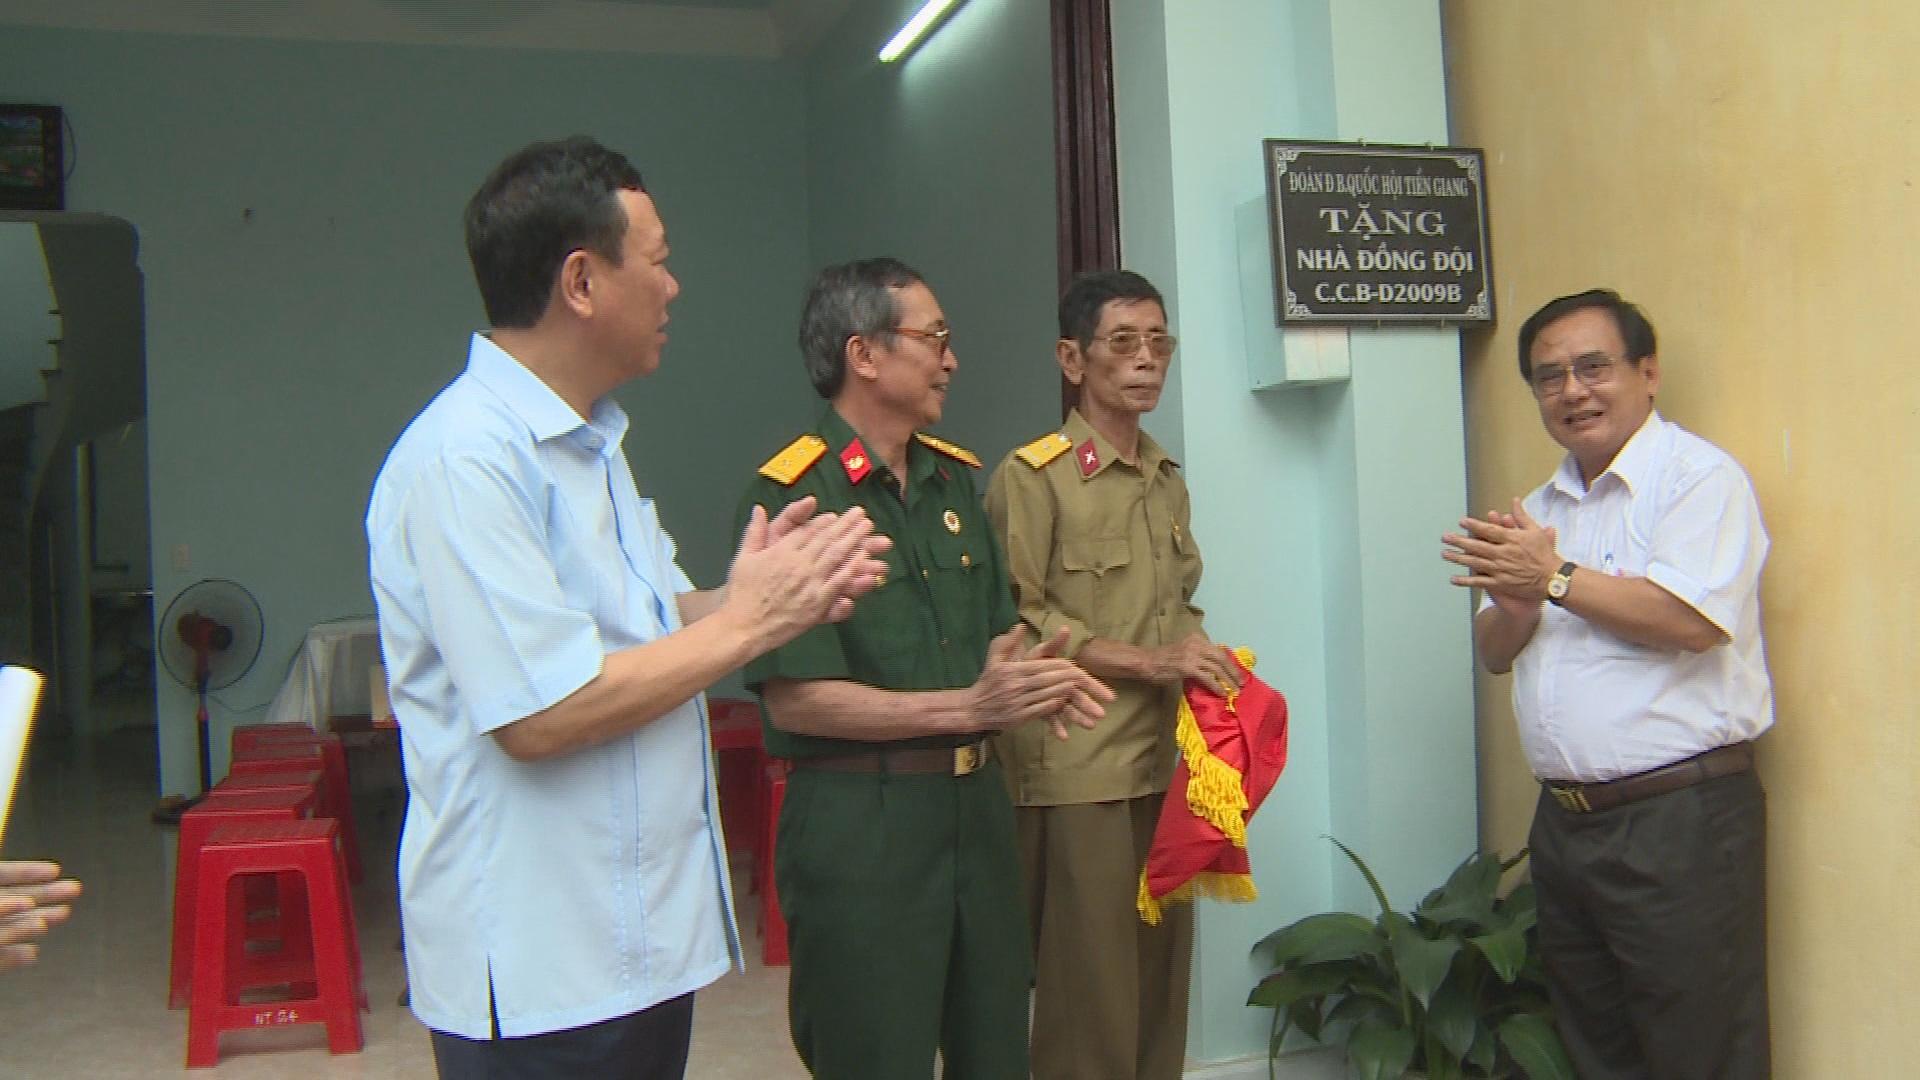 Đoàn ĐBQH tỉnh Tiền Giang bàn giao nhà đồng đội